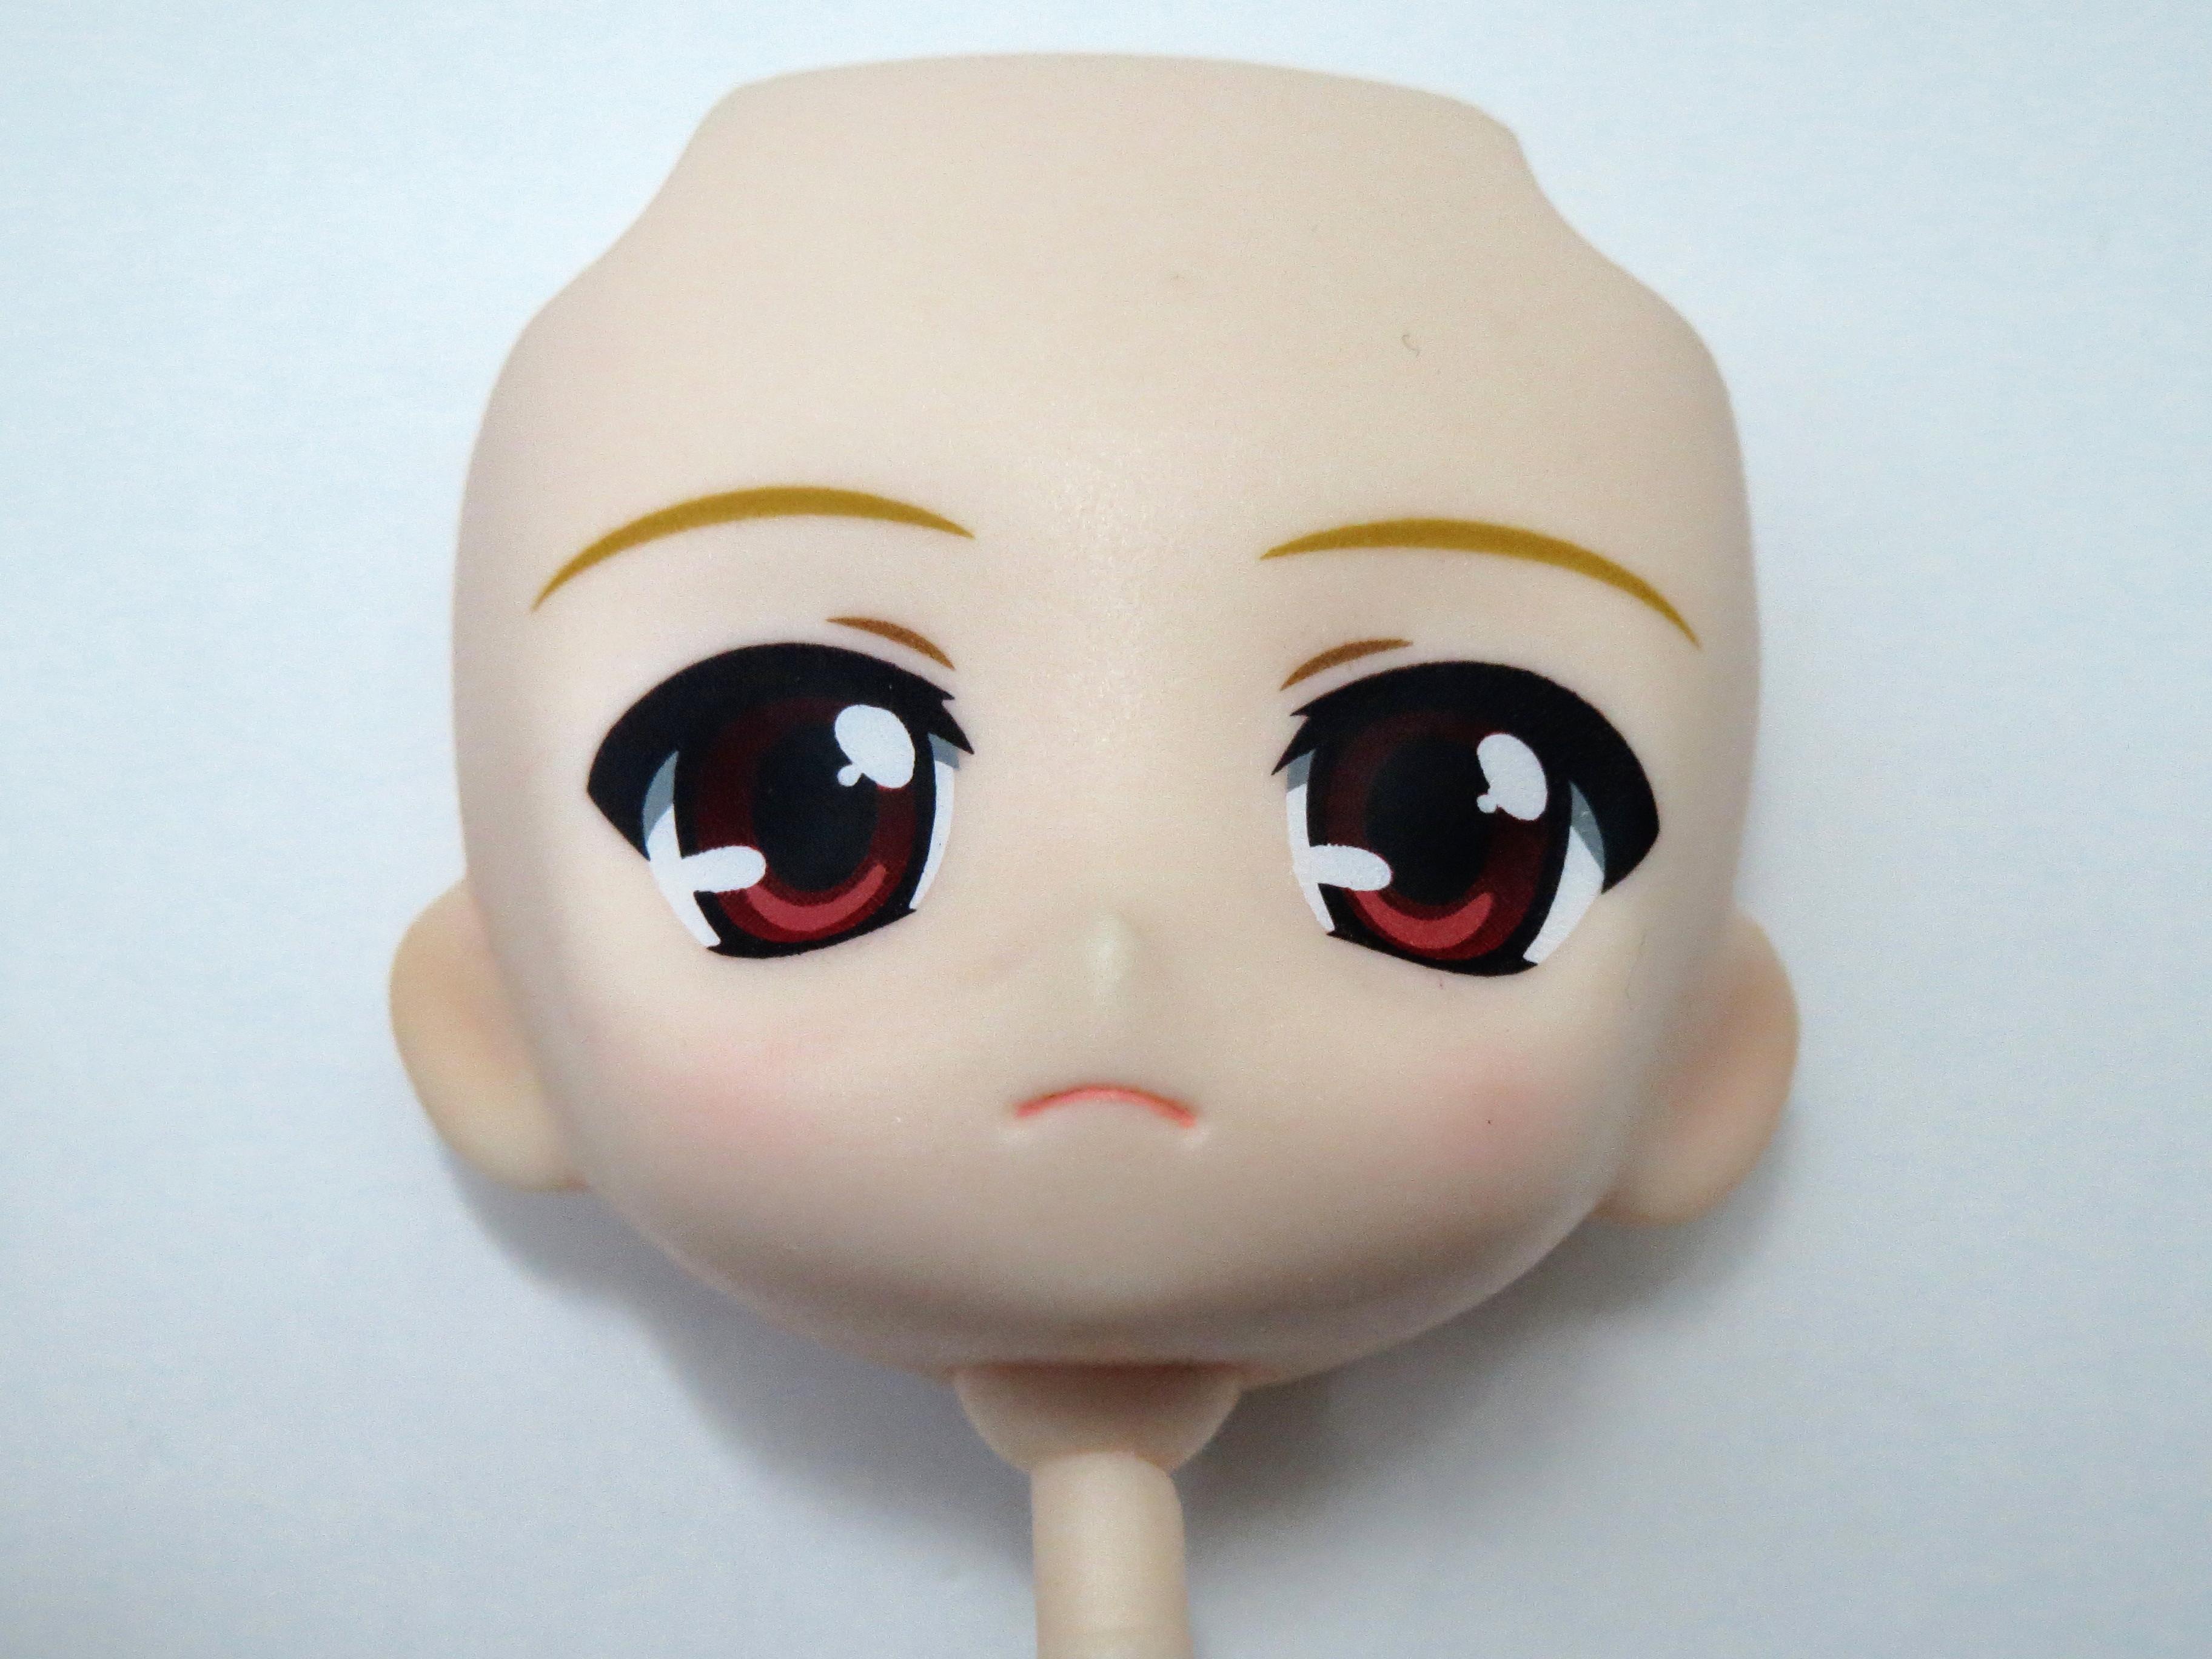 【099】 フェイト・テスタロッサ 顔パーツ 普通 ねんどろいど